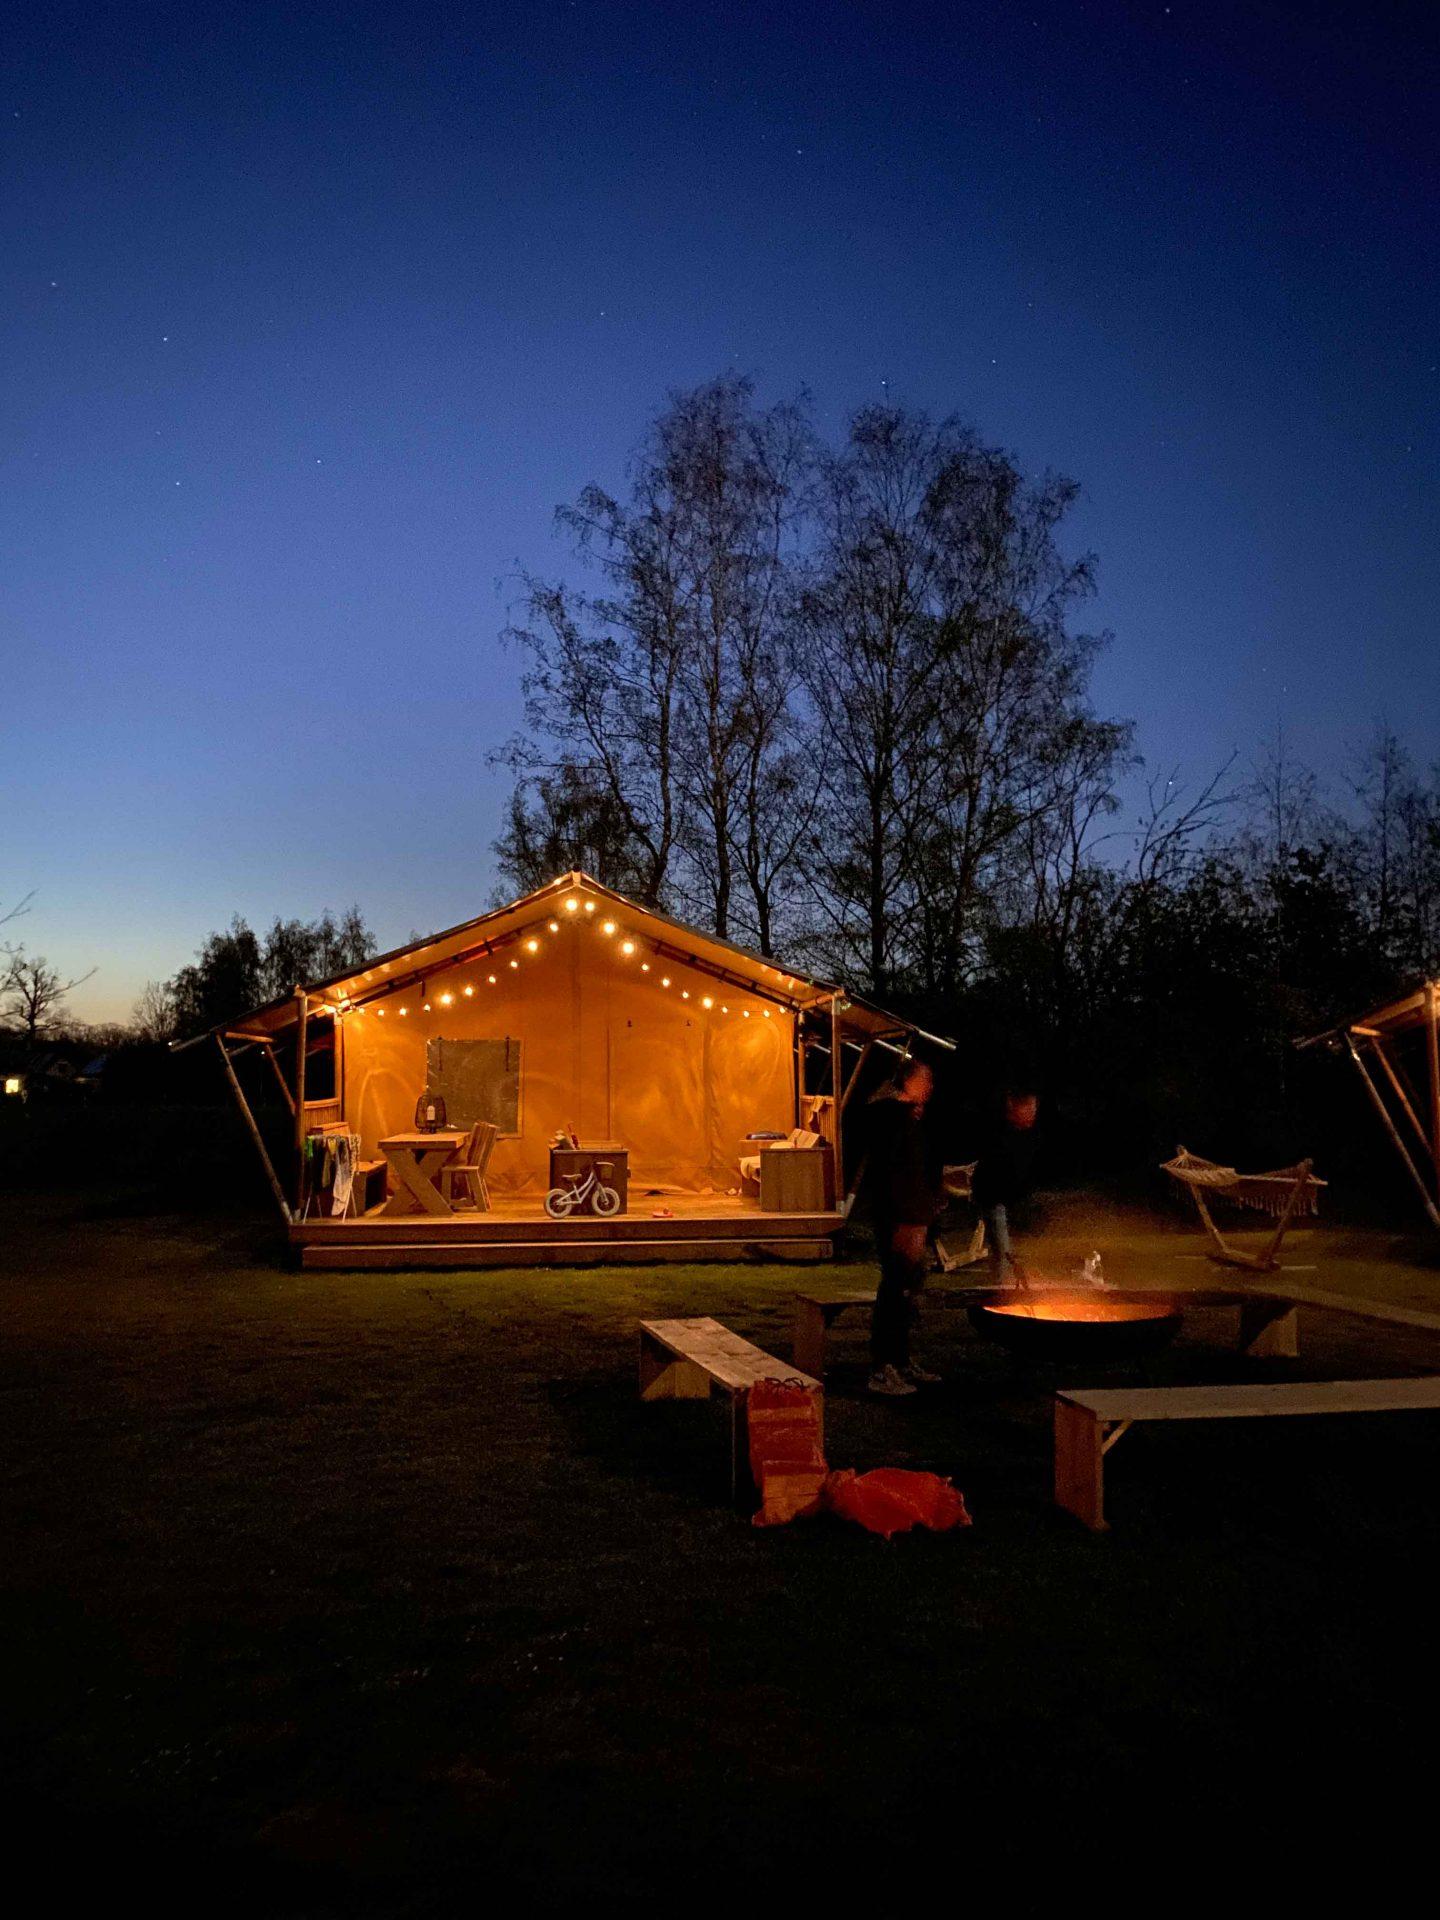 safaritent camping de vinkenkamp avond